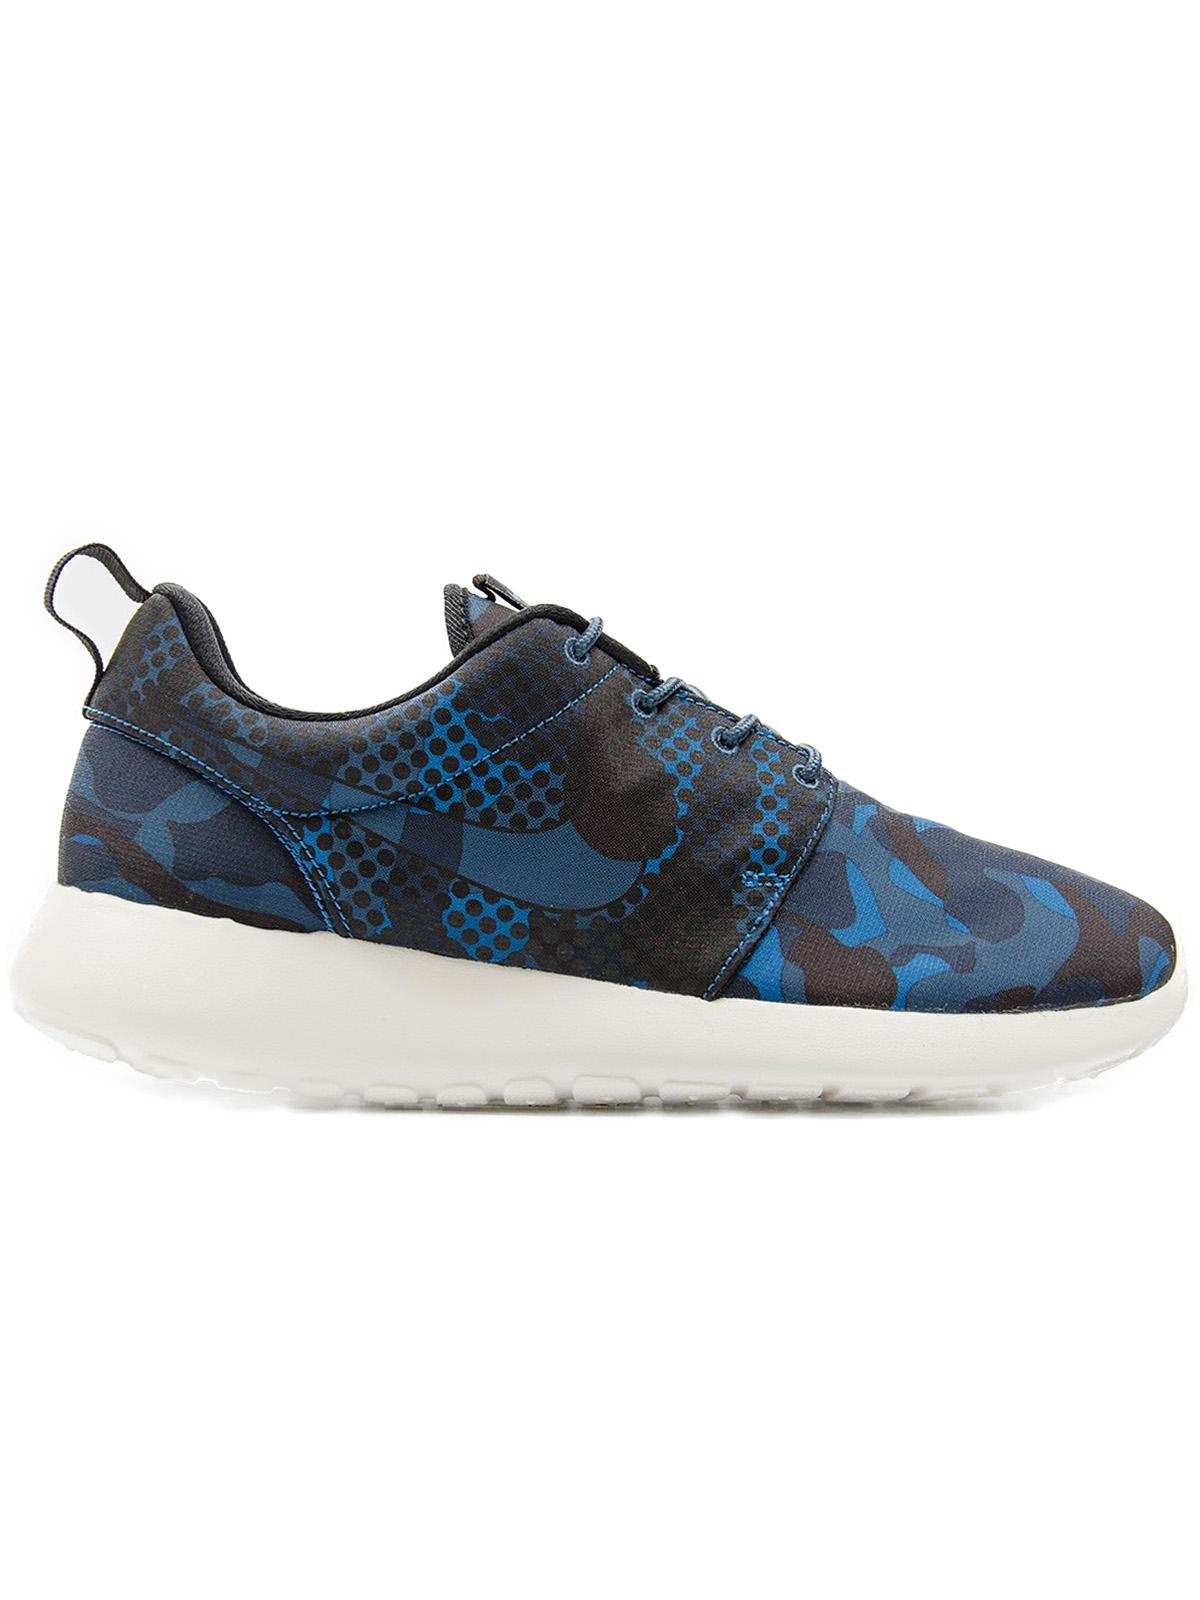 new styles 47461 10696 Nike Roshe One Print